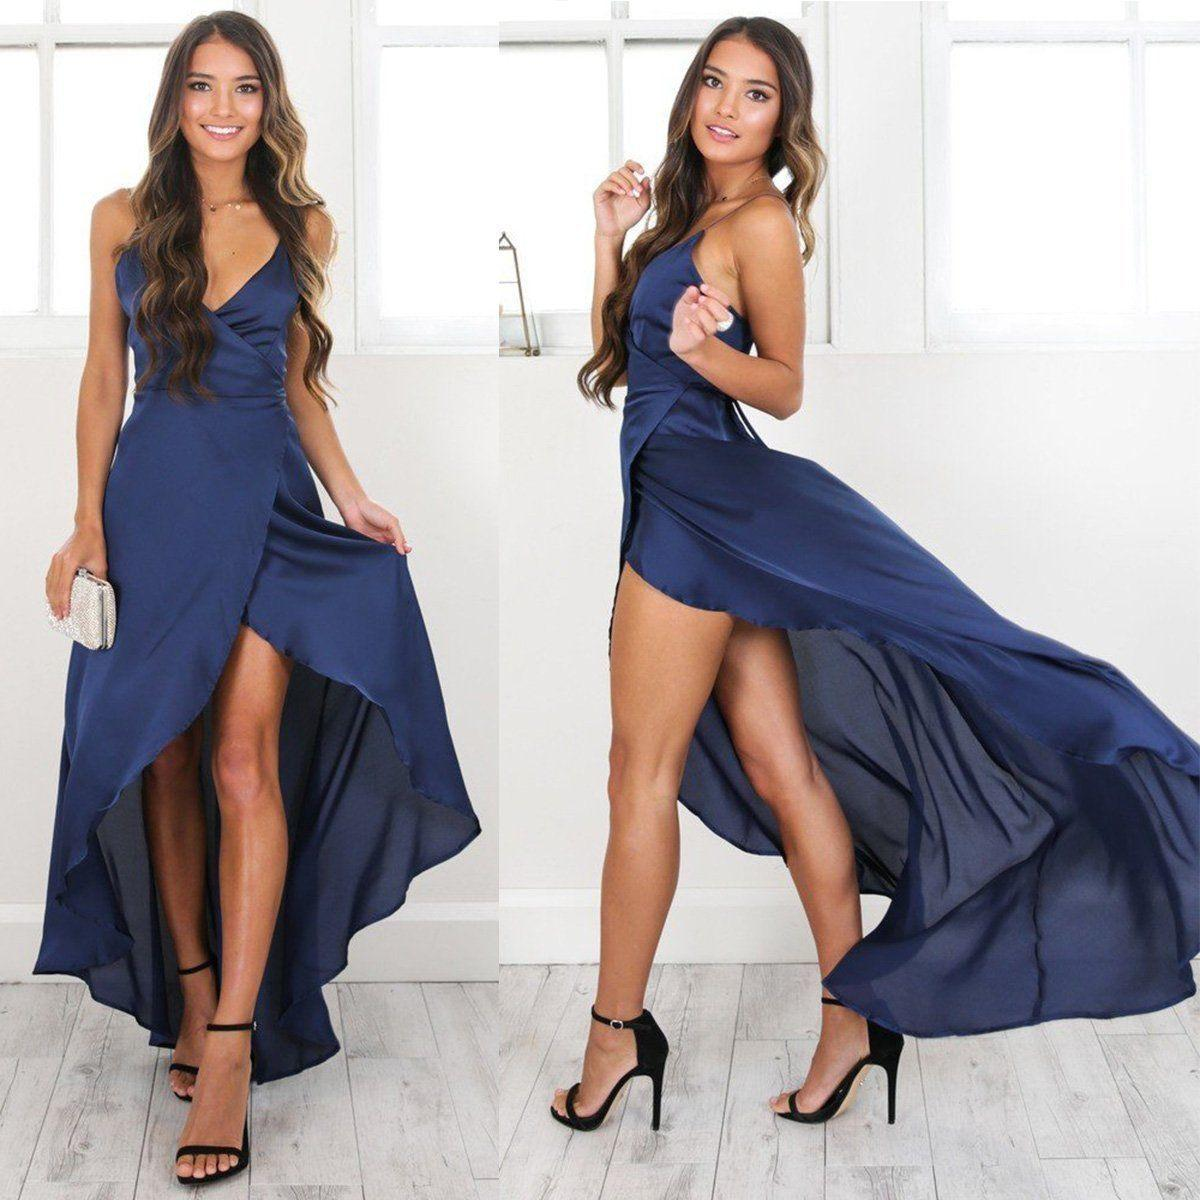 d09d411383326 Women Formal Dress Evening Party Clubwear Clothes Strapless Long Maxi Dress  Summer Sleeveless Women Dresses